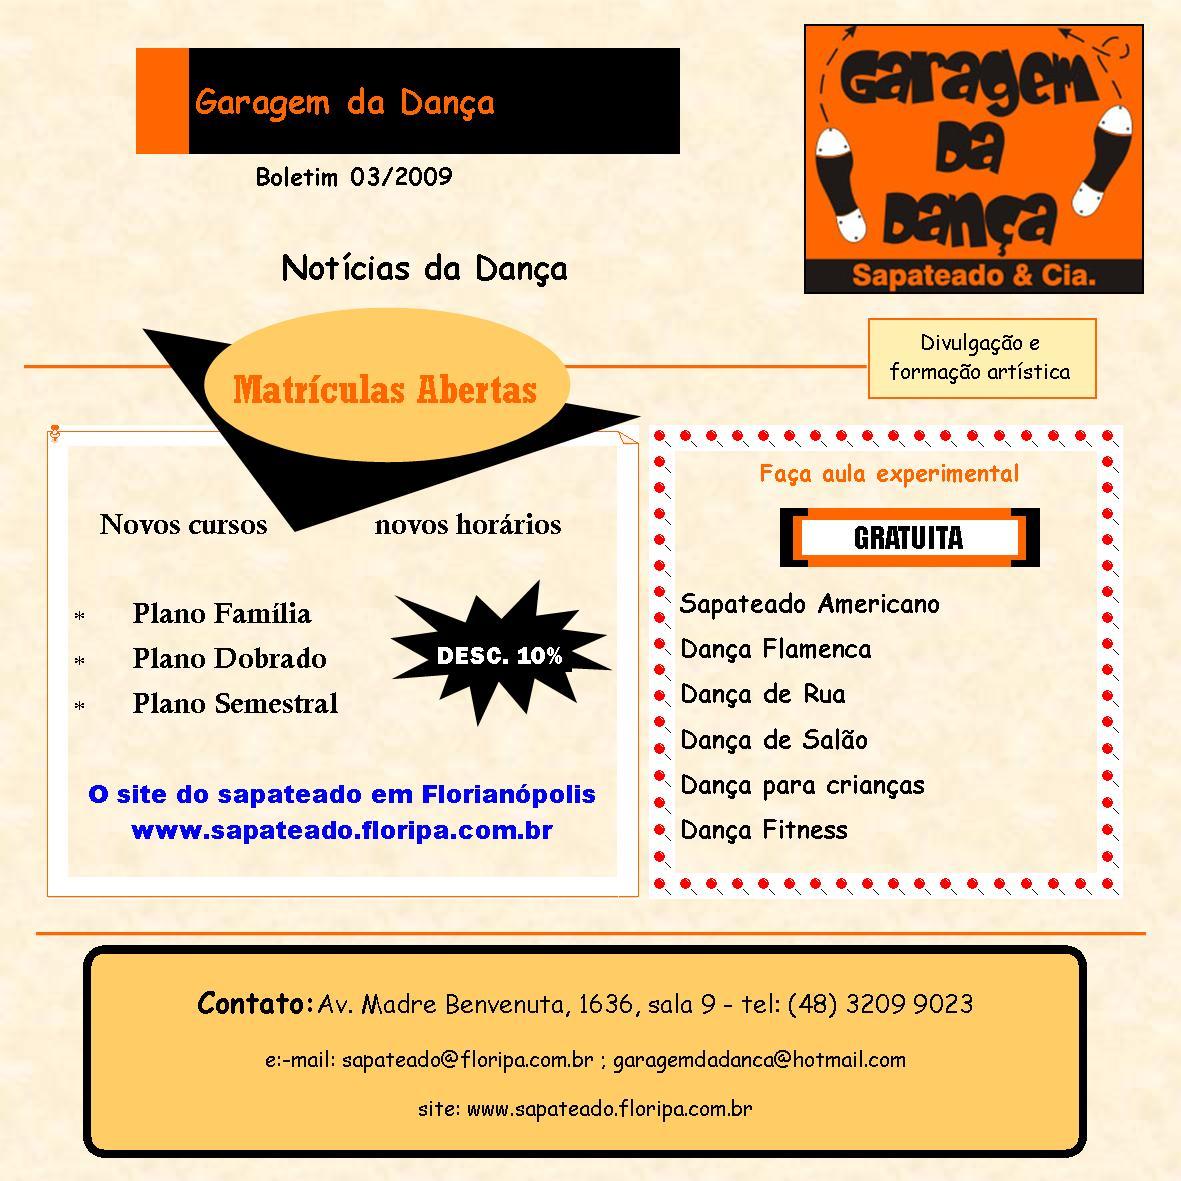 garagem_da_danca